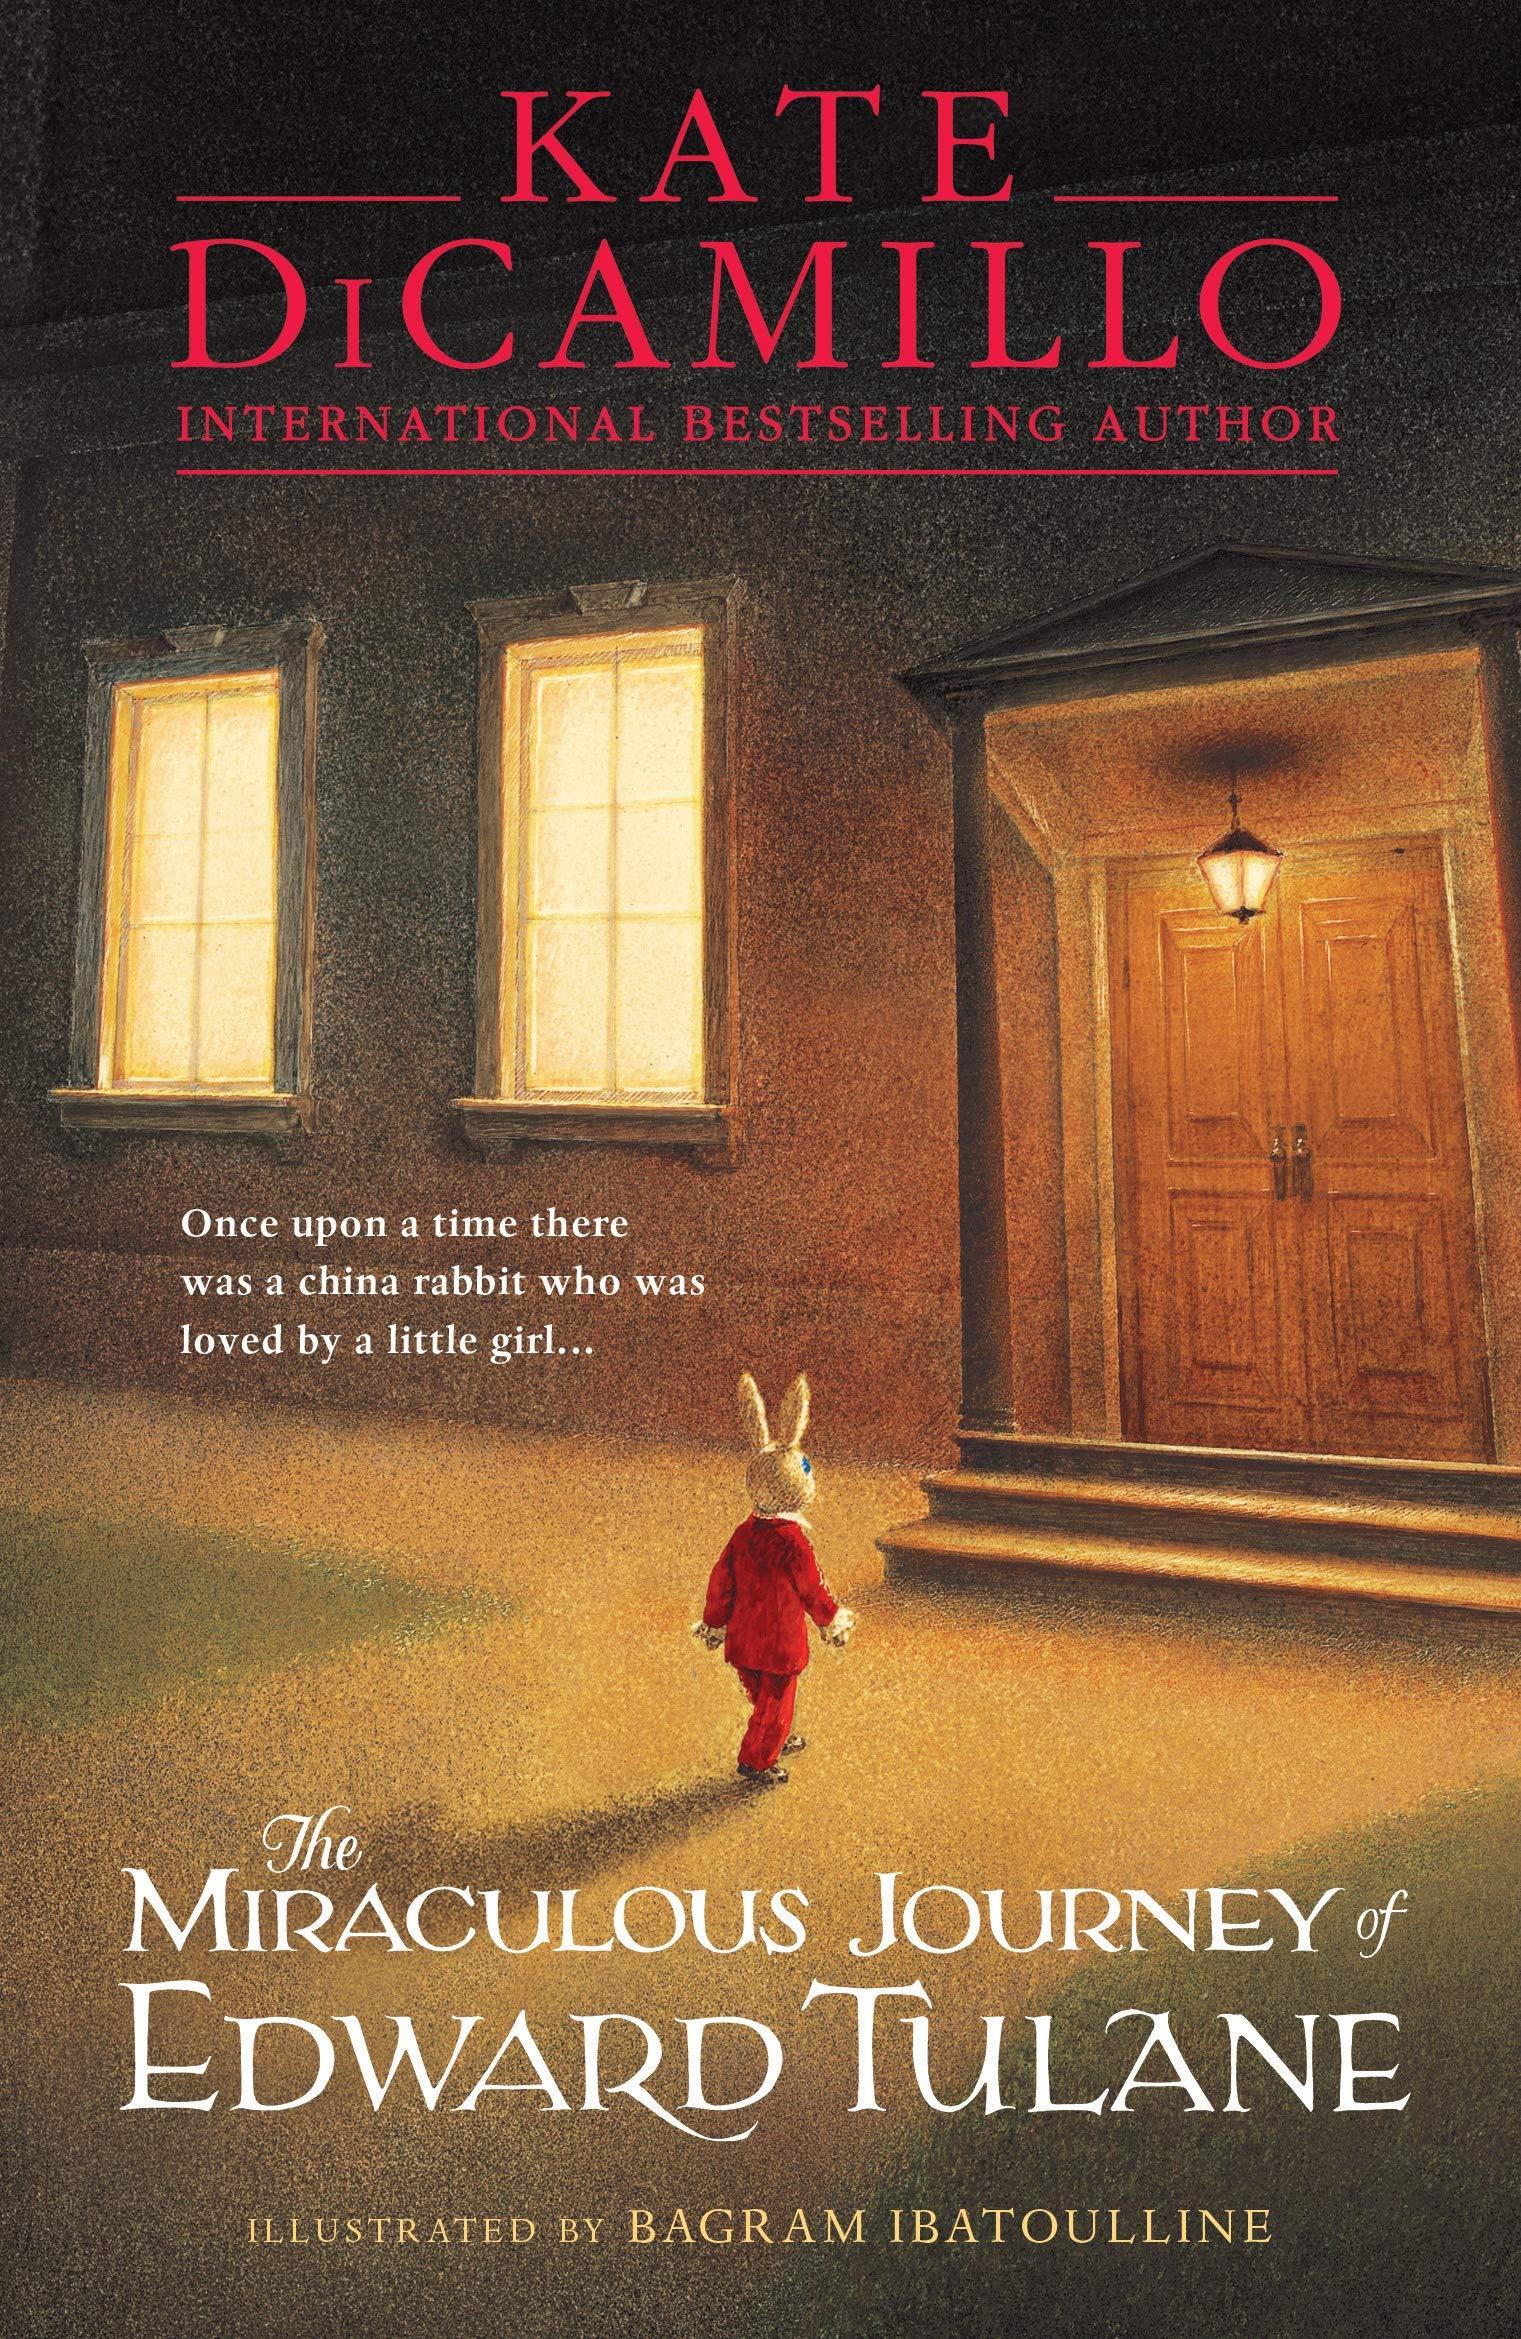 The Miraculous Journey of Edward Tulane: Amazon.co.uk: DiCamillo, Kate,  Ibatoulline, Bagram: 9781406360660: Books